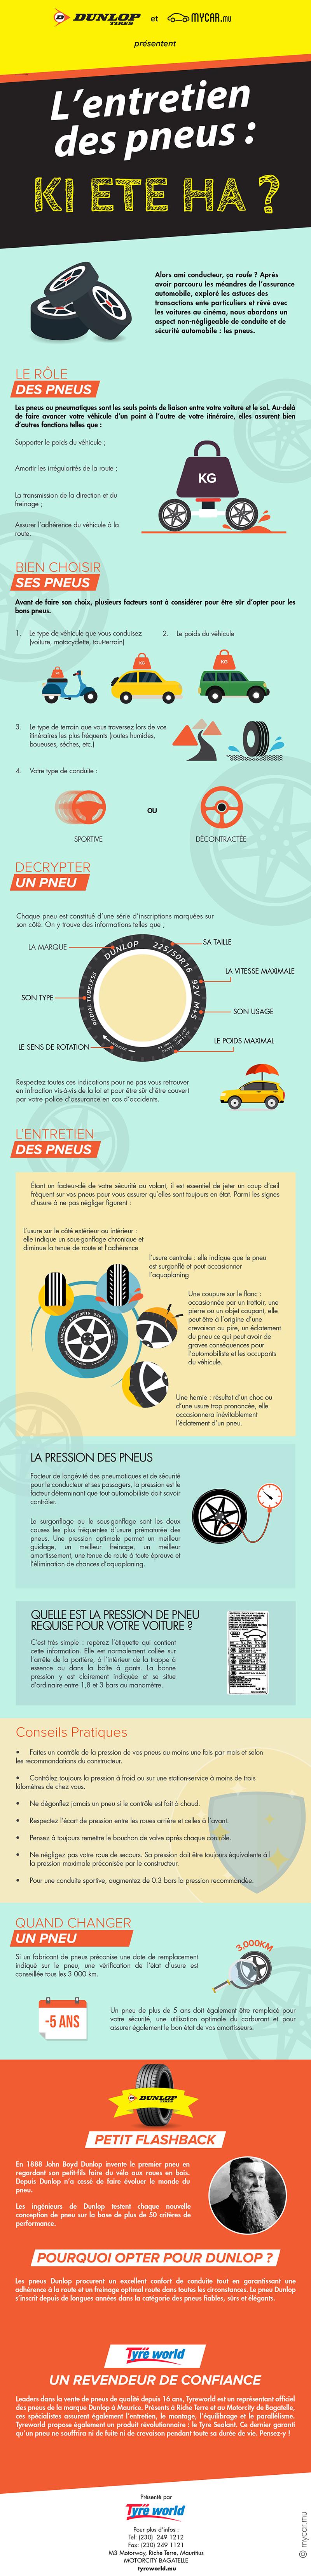 L'entretien des pneus